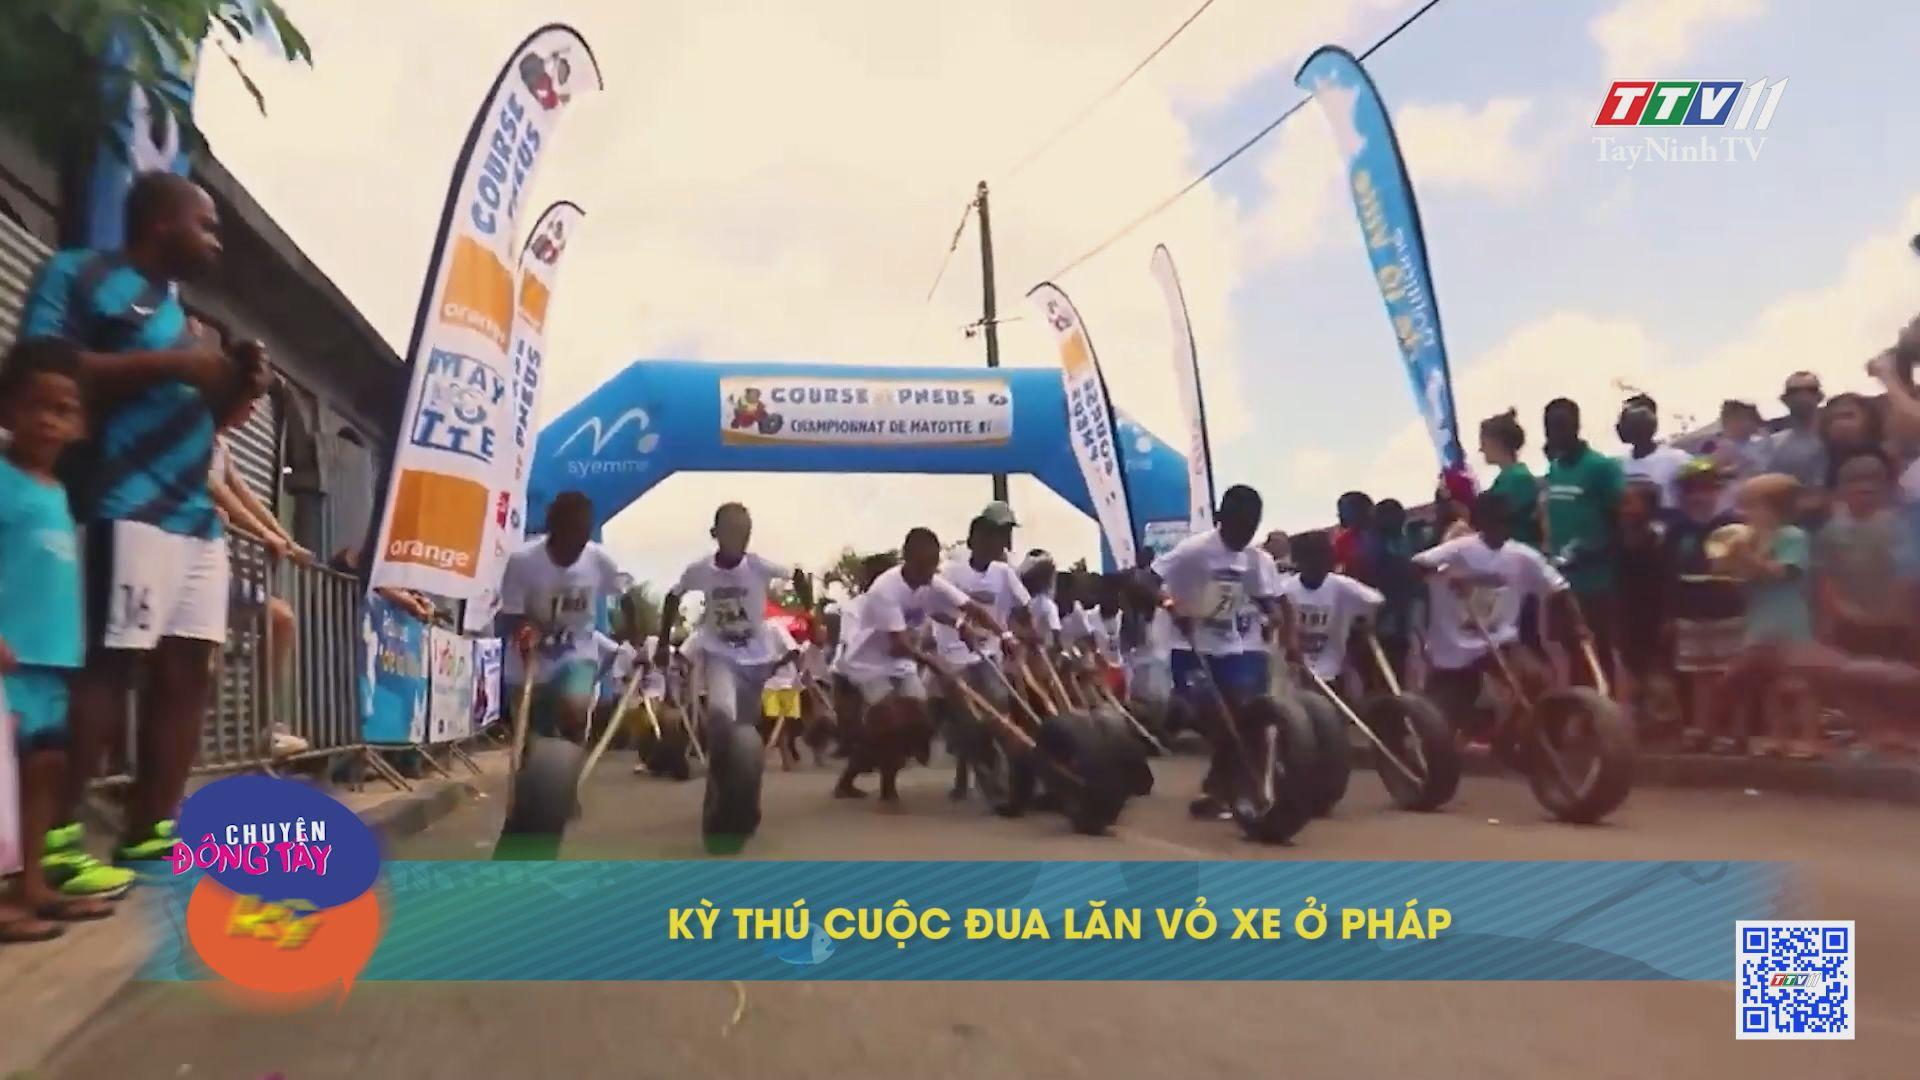 Kỳ thú cuộc đua lăn vỏ xe ở Pháp | CHUYỆN ĐÔNG TÂY KỲ THÚ | TayNinhTVE